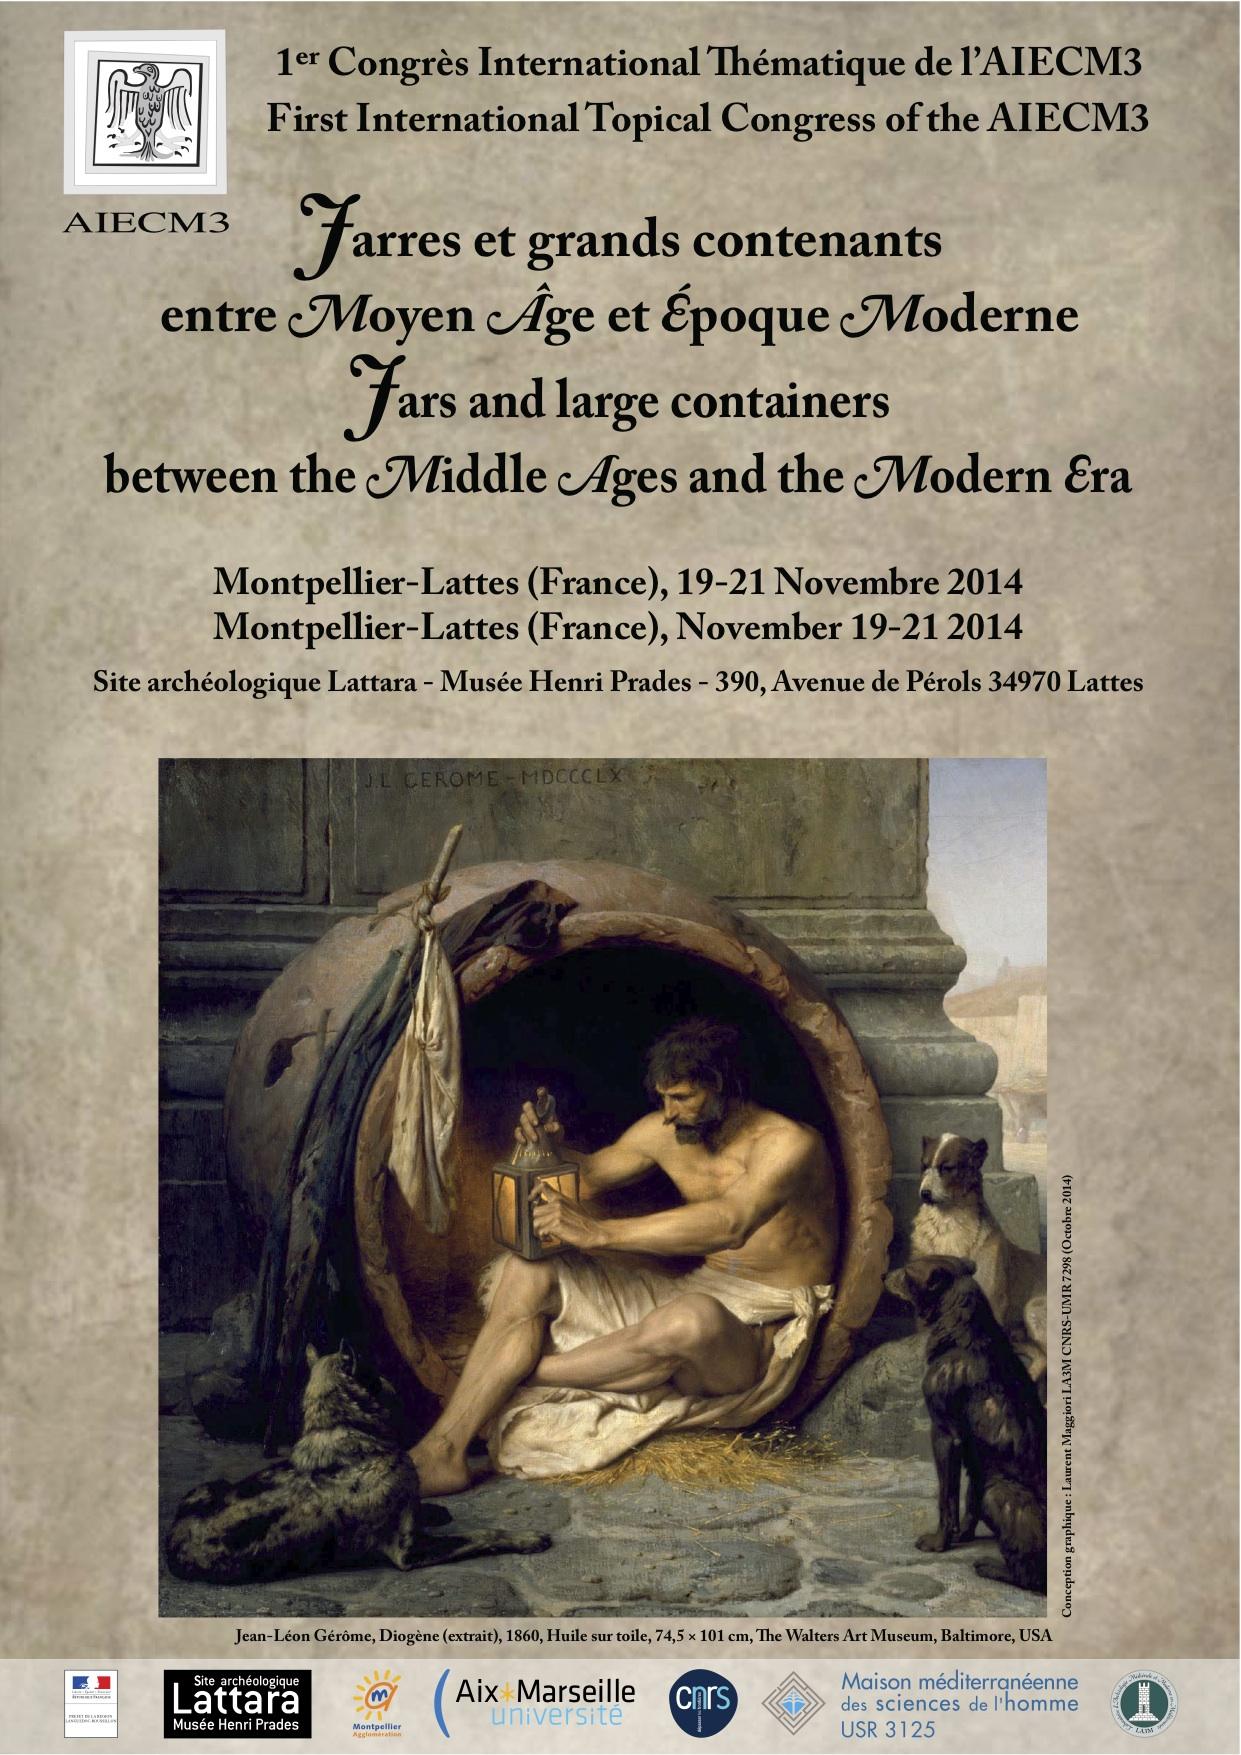 Jarres et grands contenants entre Moyen Âge et Époque Moderne